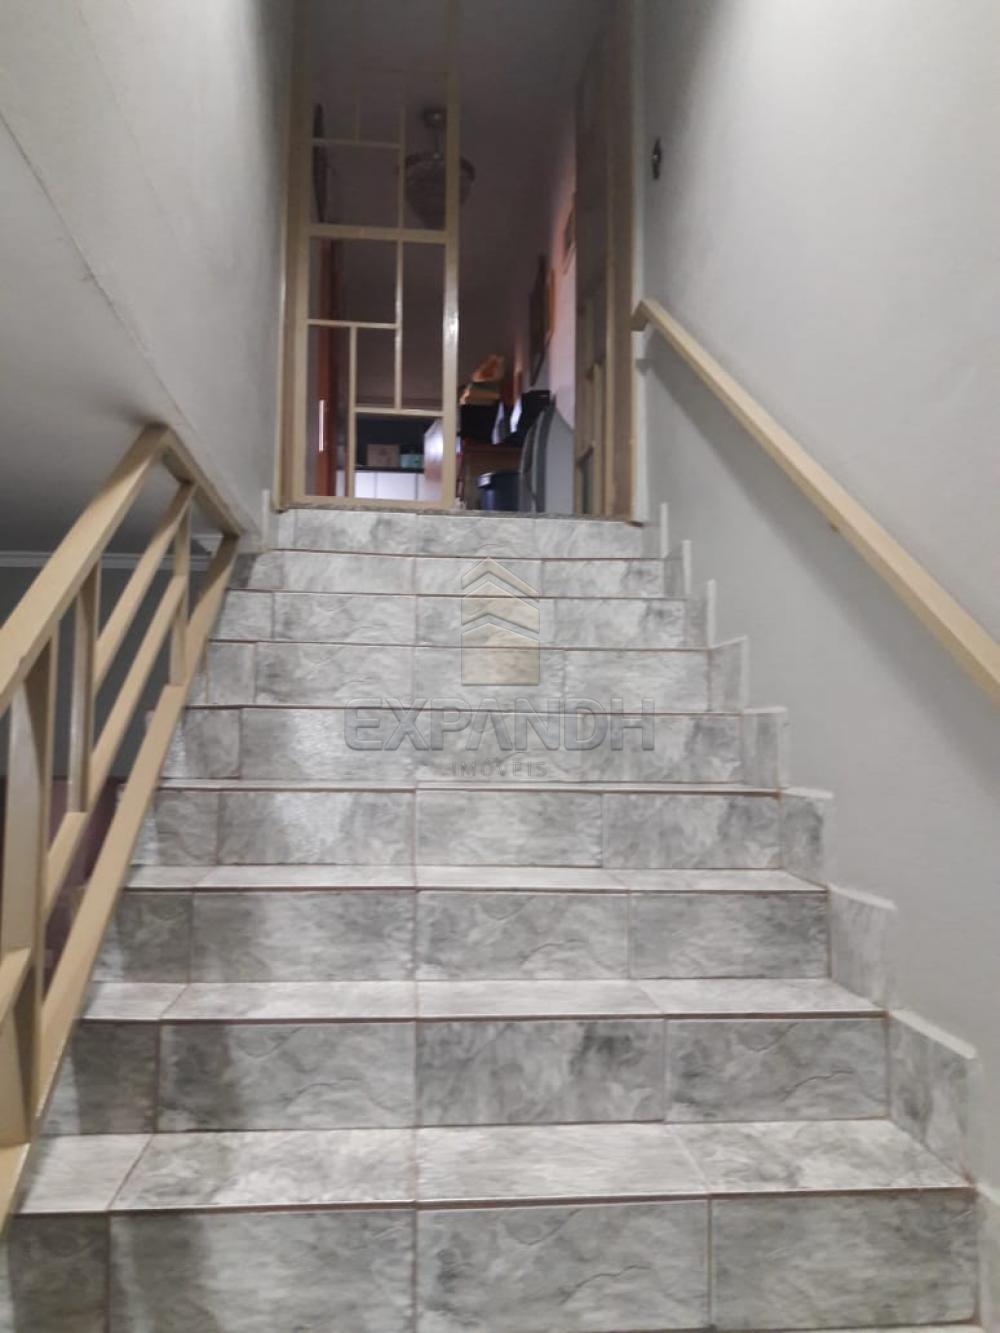 Comprar Casas / Padrão em Sertãozinho apenas R$ 400.000,00 - Foto 9